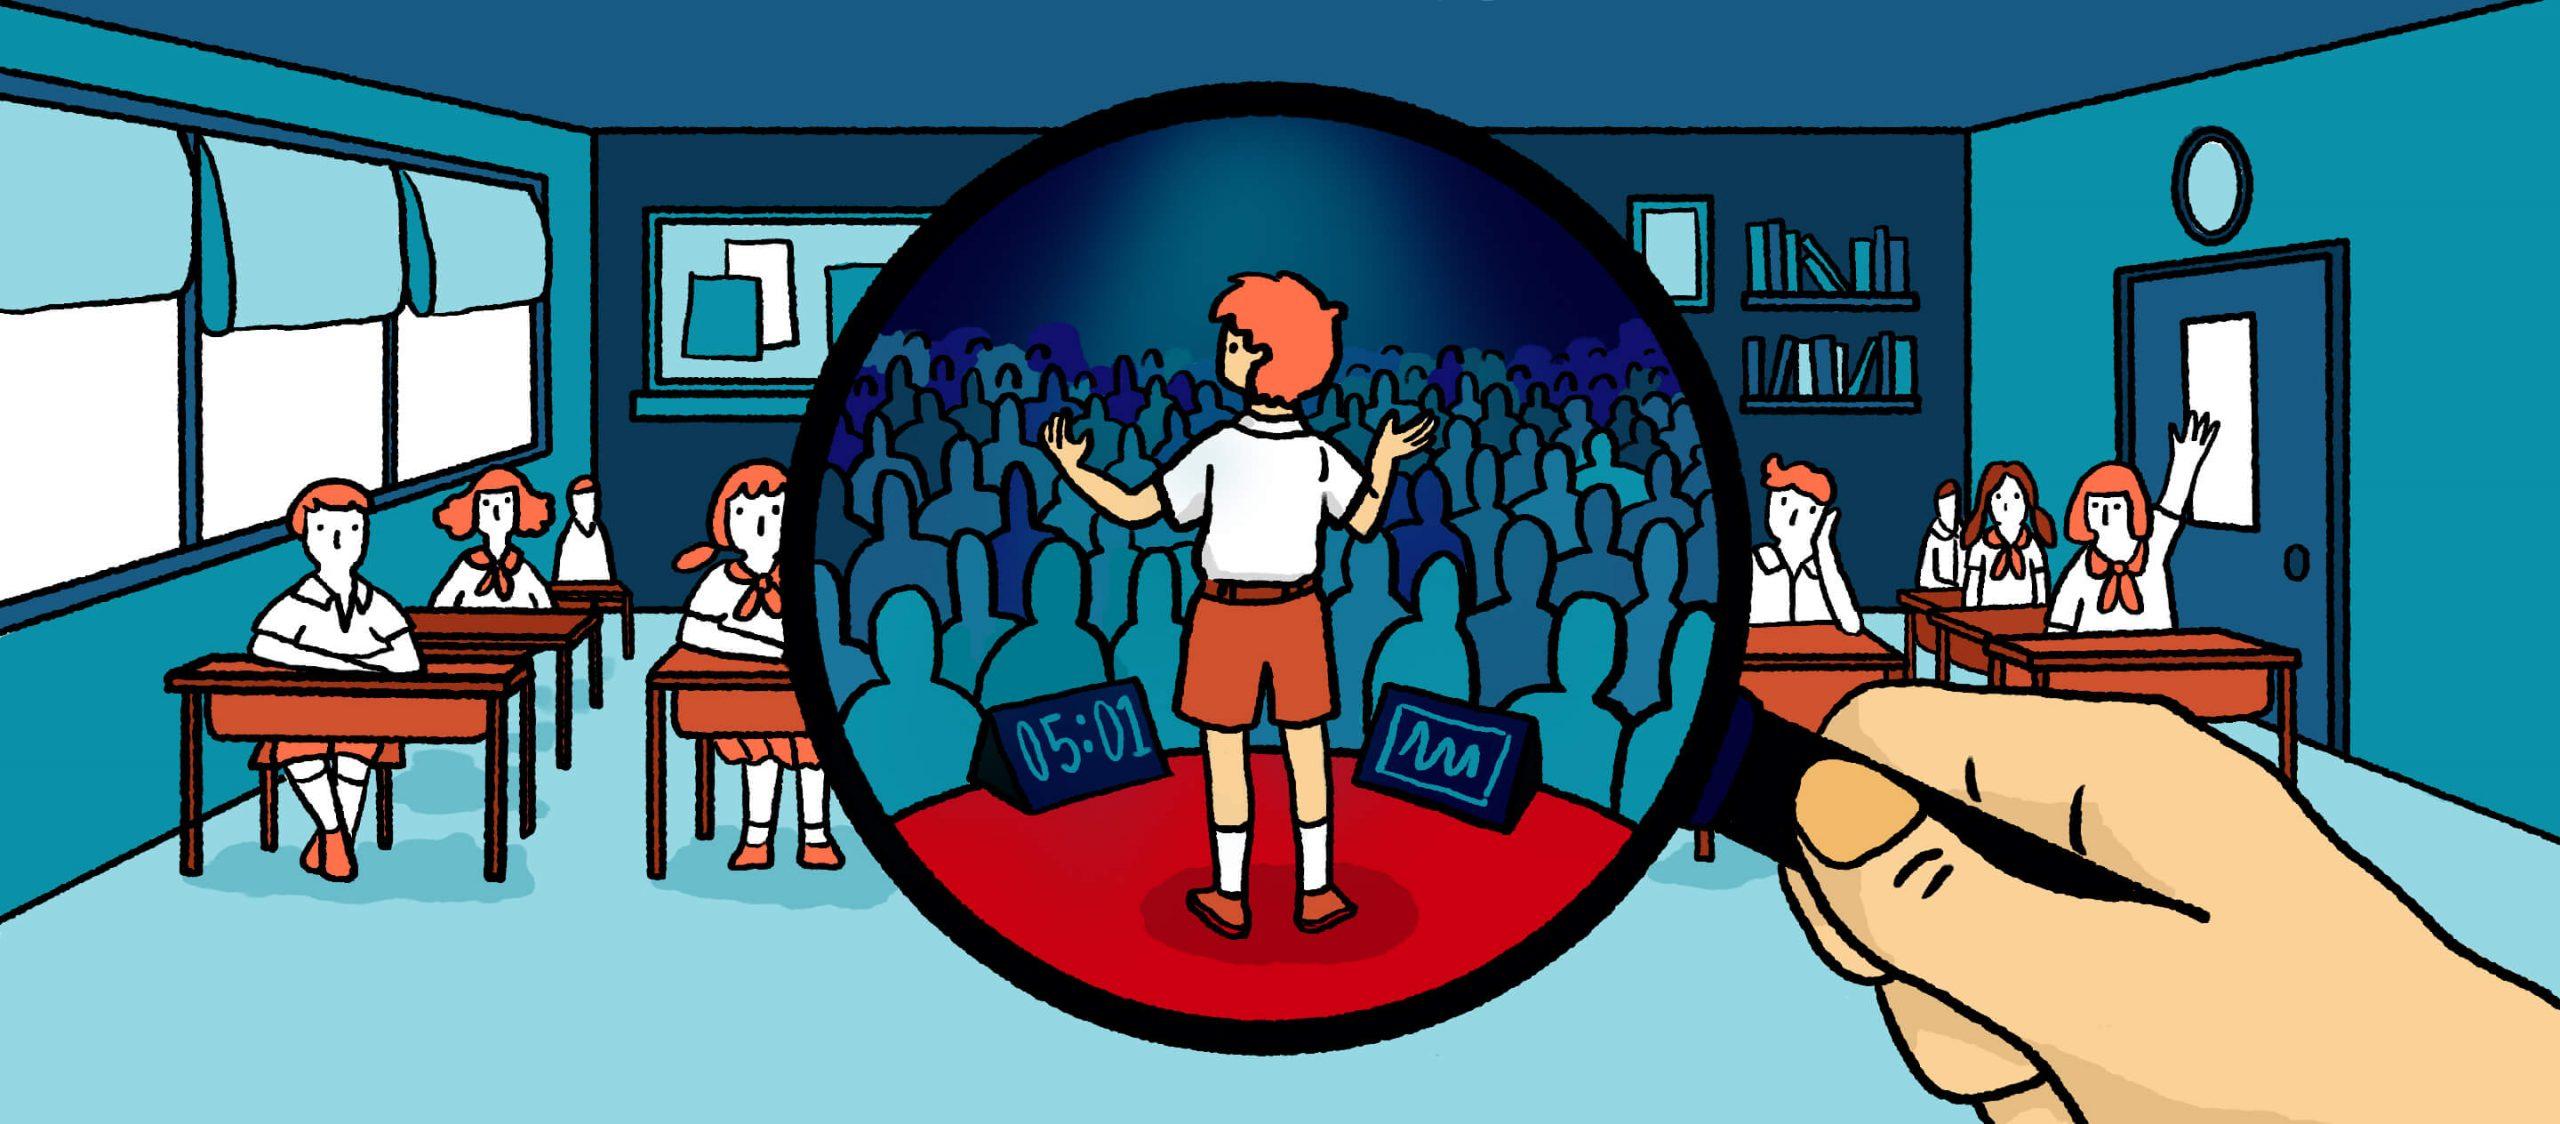 TED Club : เวทีที่ประกาศให้ประเทศรู้ว่าเด็กทุกคนมี 'เสียง' เป็นของตัวเอง